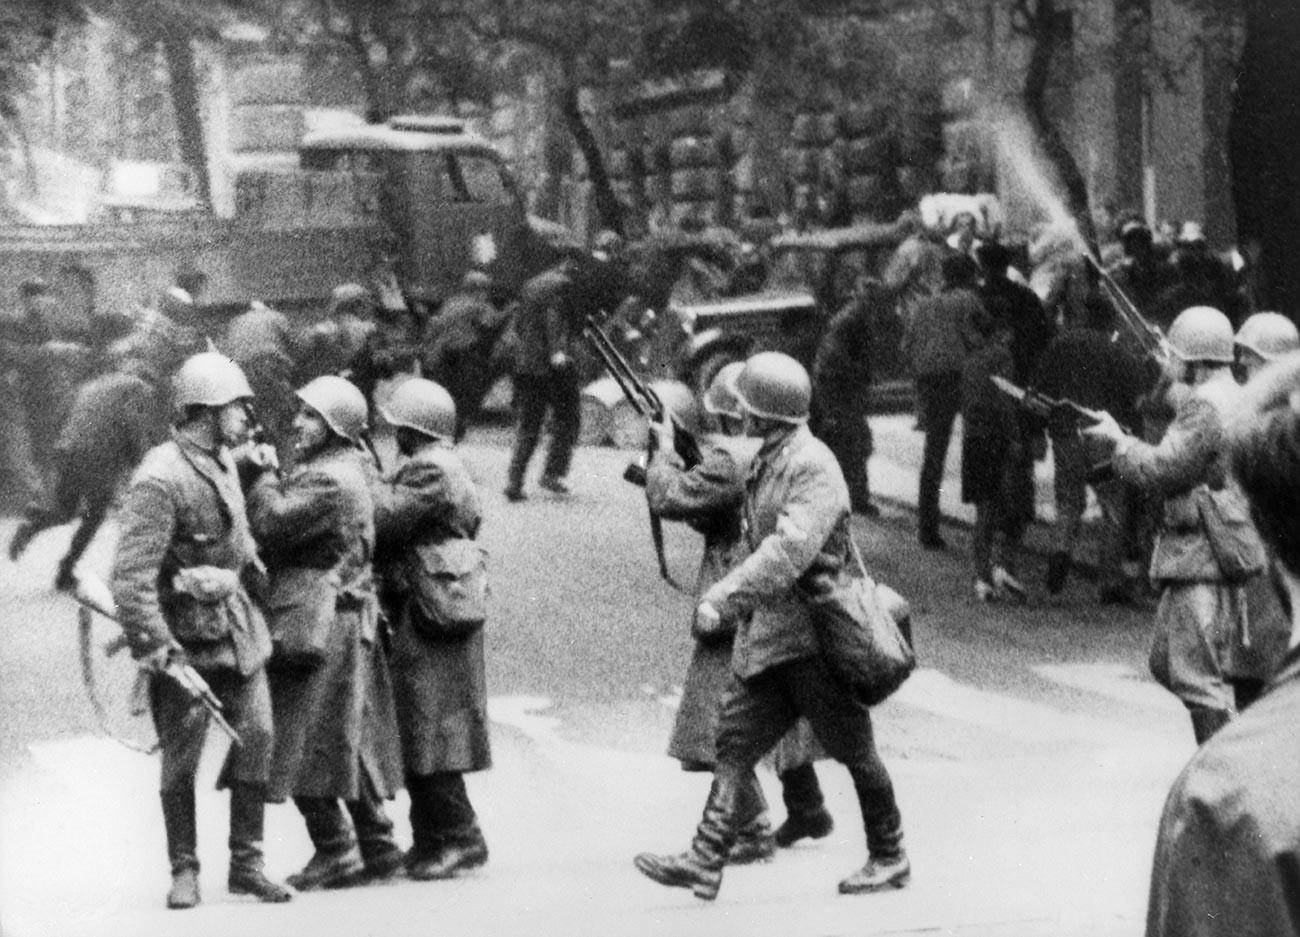 Troupes des États membres du pacte de Varsovie à Prague, 1968